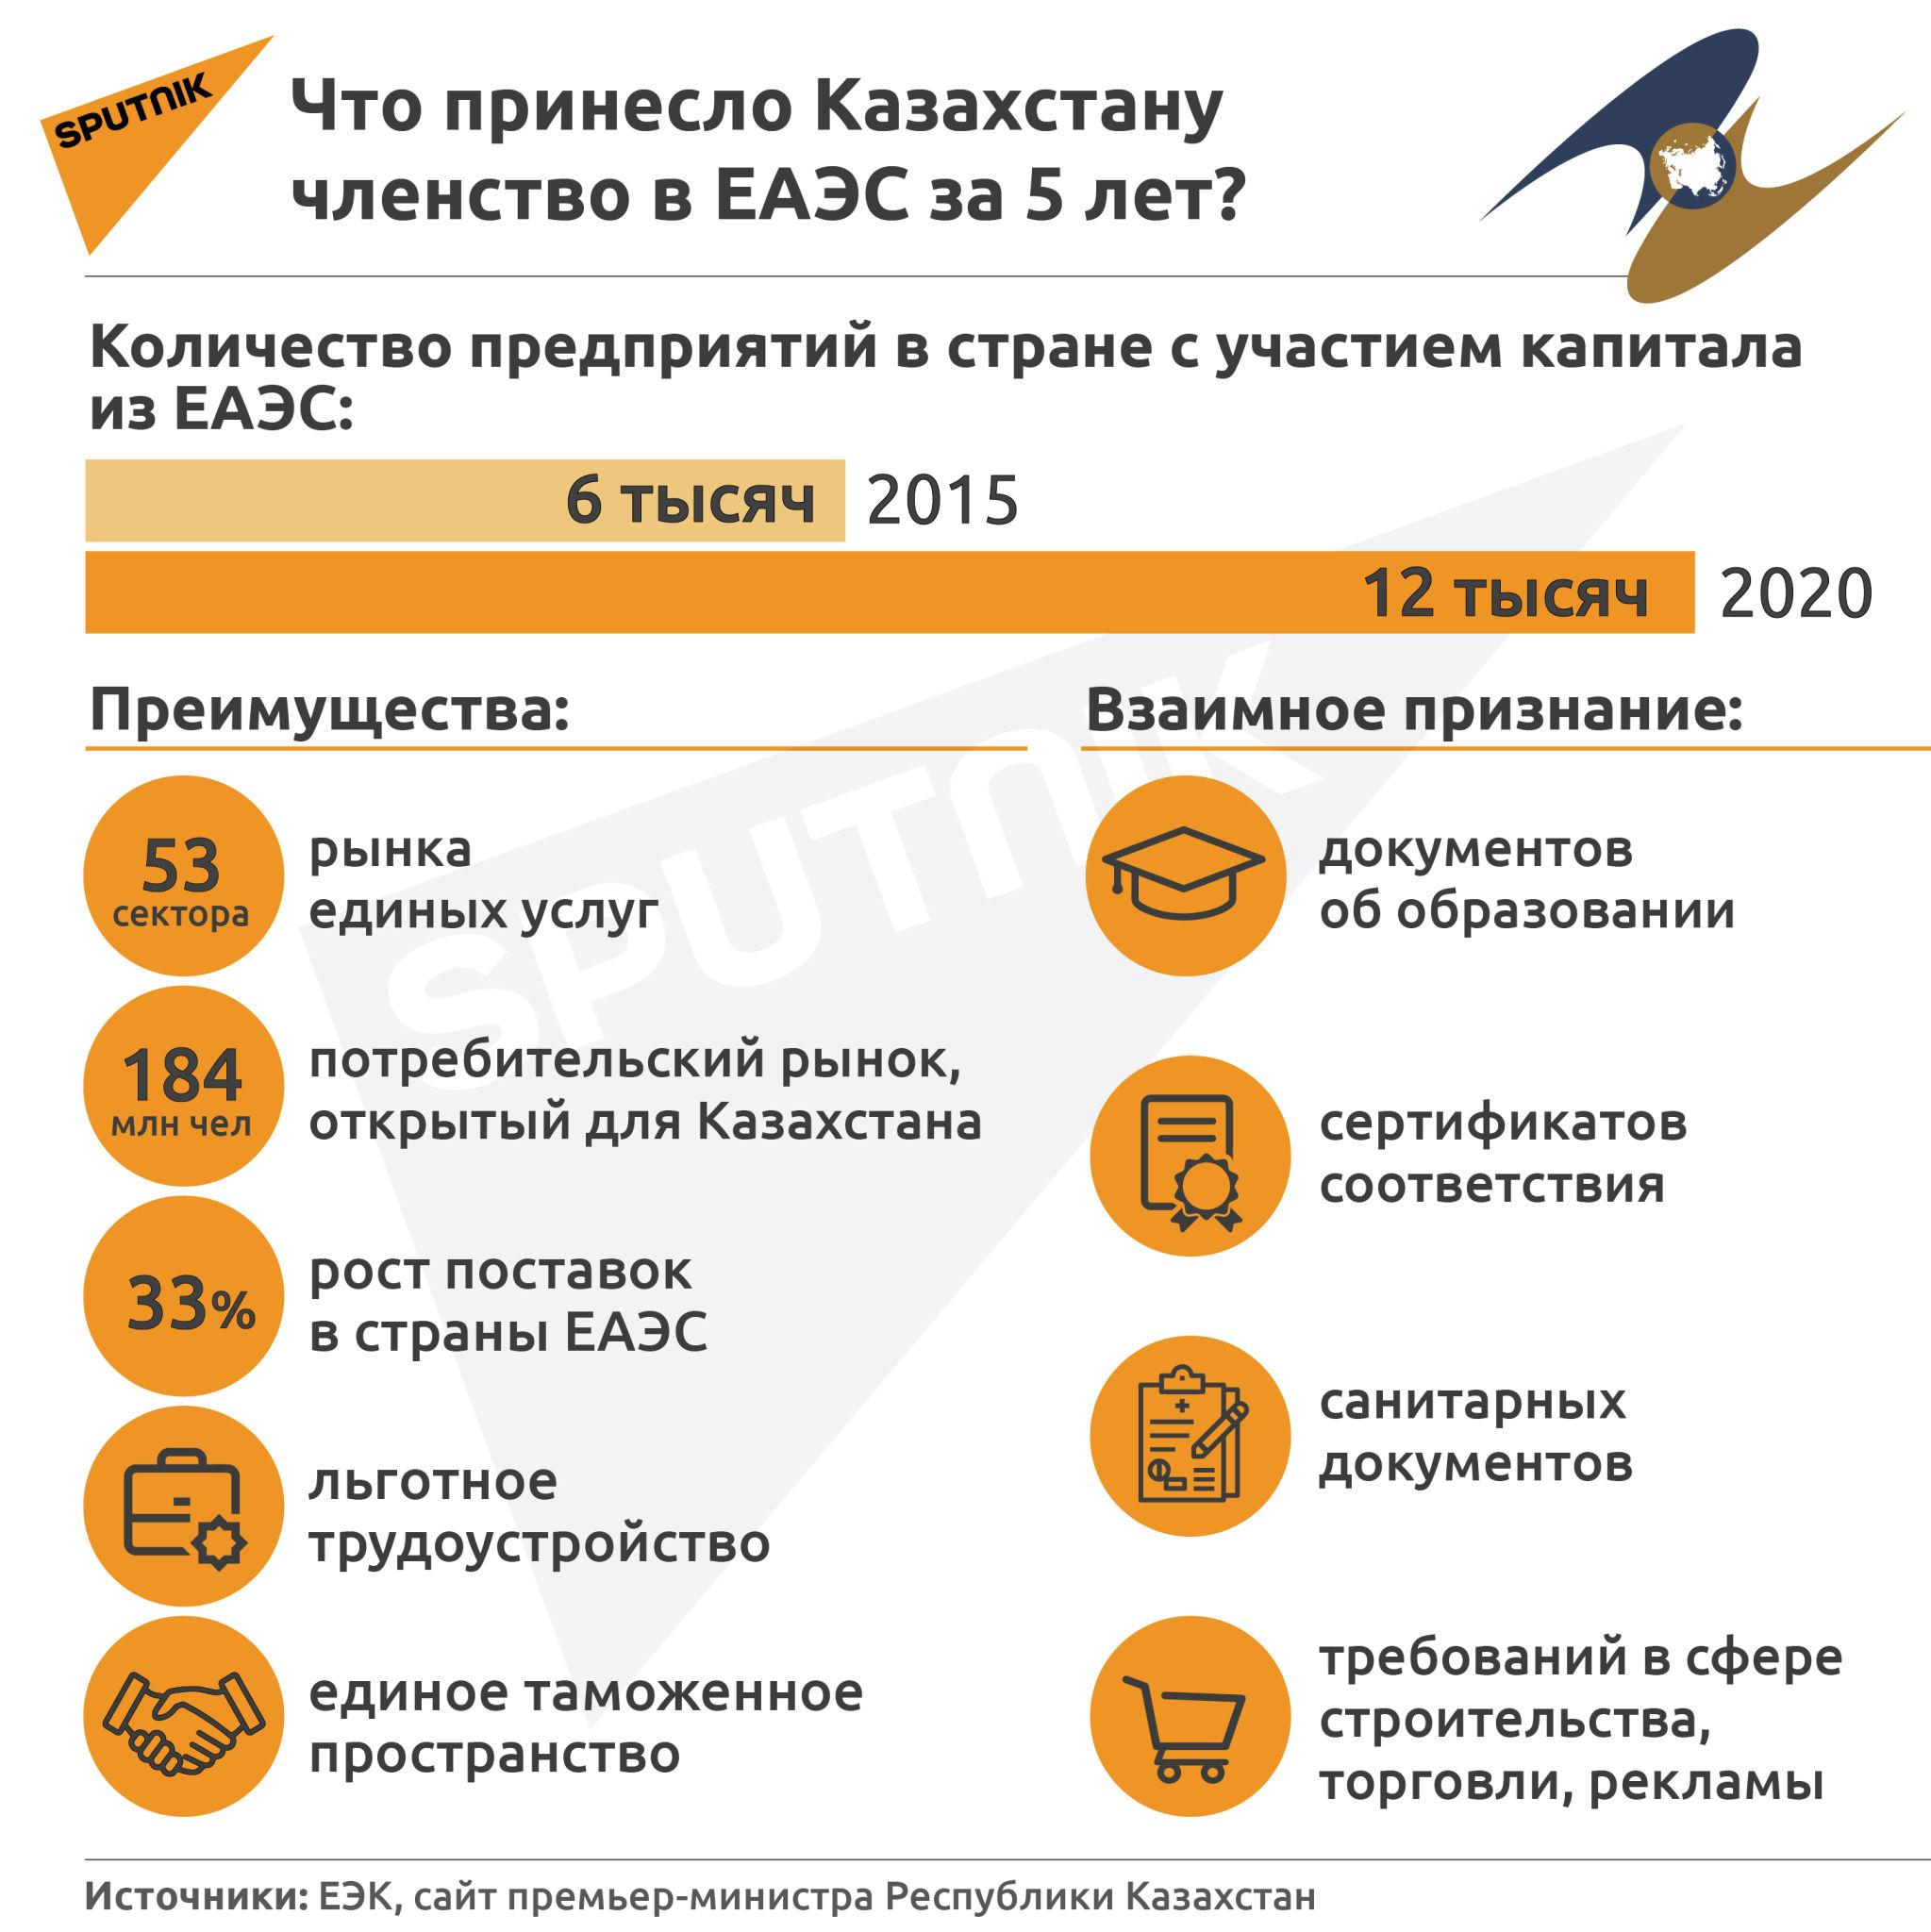 Членство Казахстана в ЕАЭС